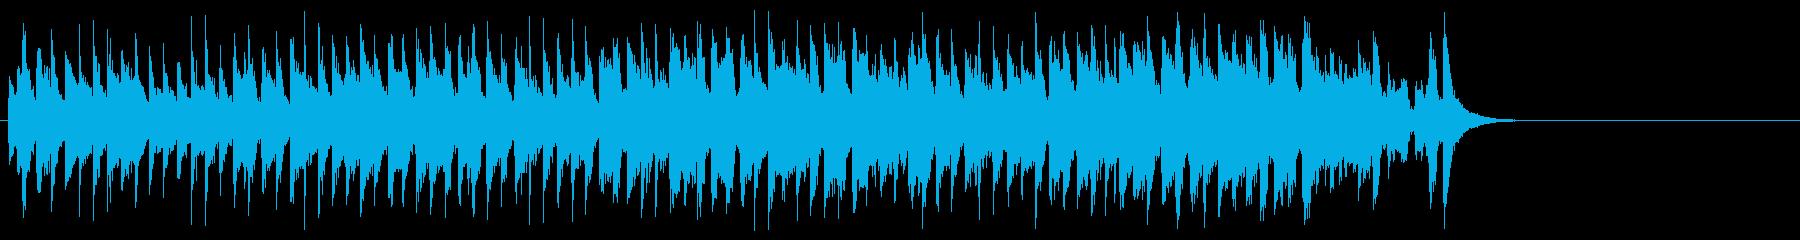 おどけた軽快なポップ(サビ~エンド)の再生済みの波形